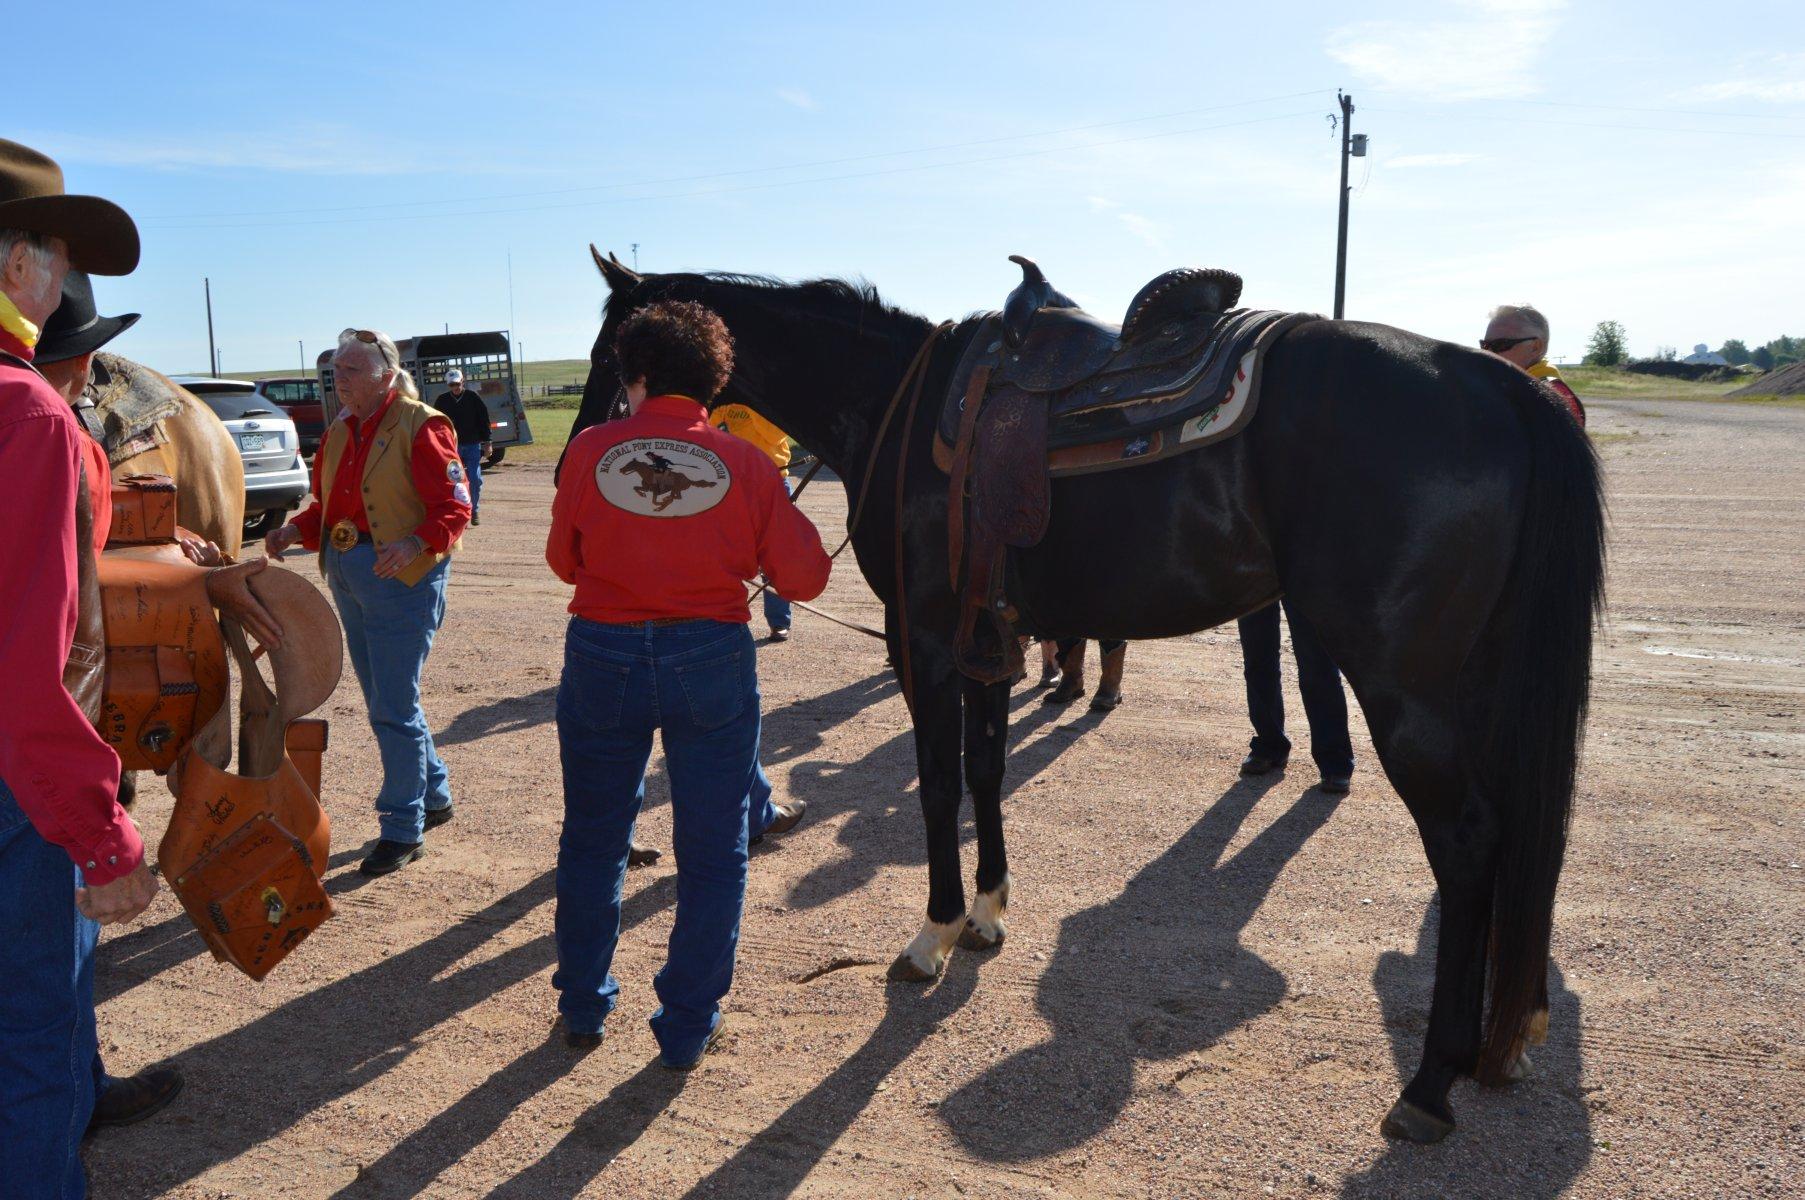 Story 2017 06 08 083206 National Pony Express Association